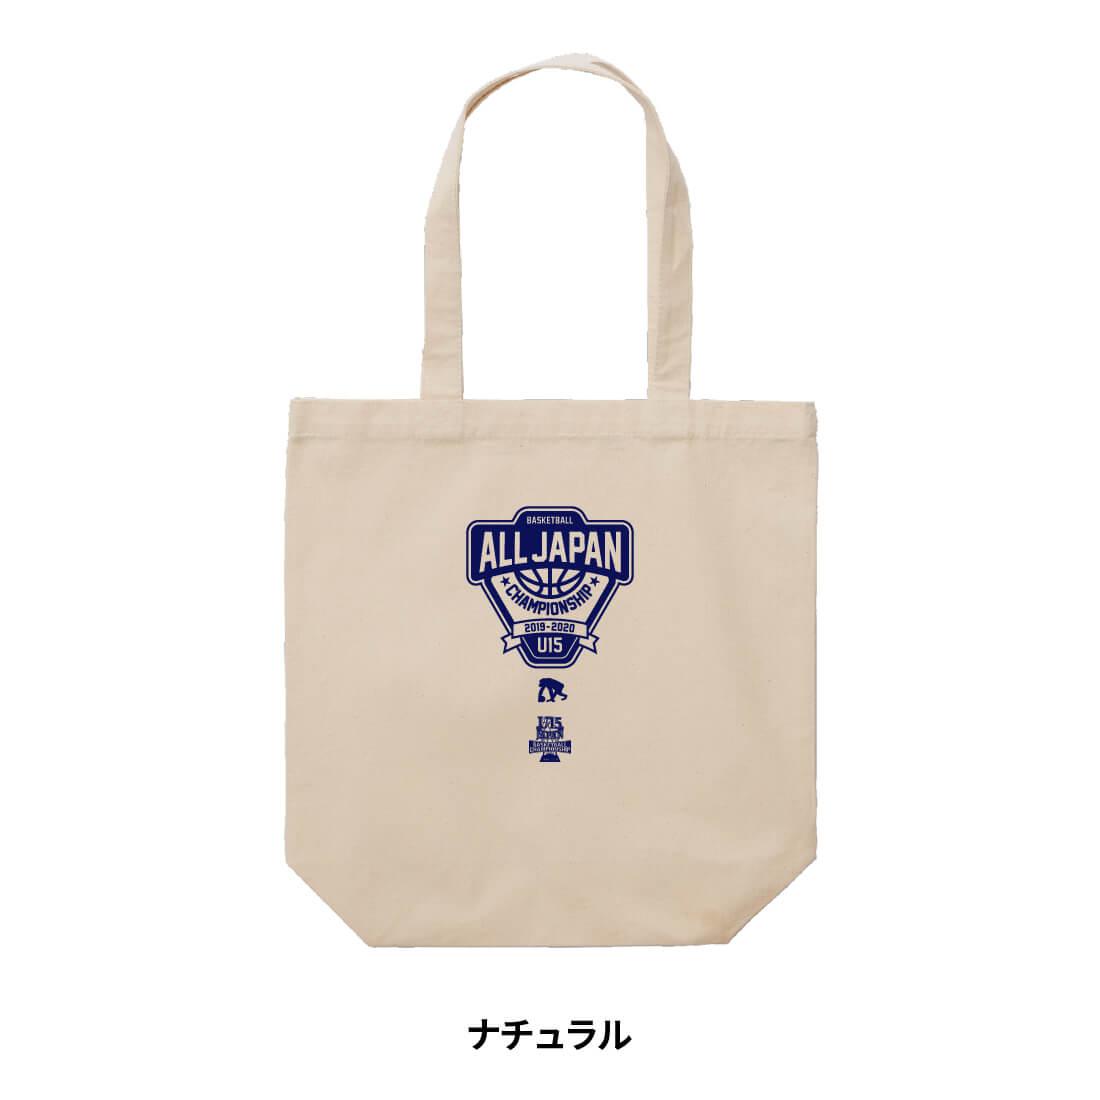 【全国U15限定】TOTE BAG (M) ナチュラル